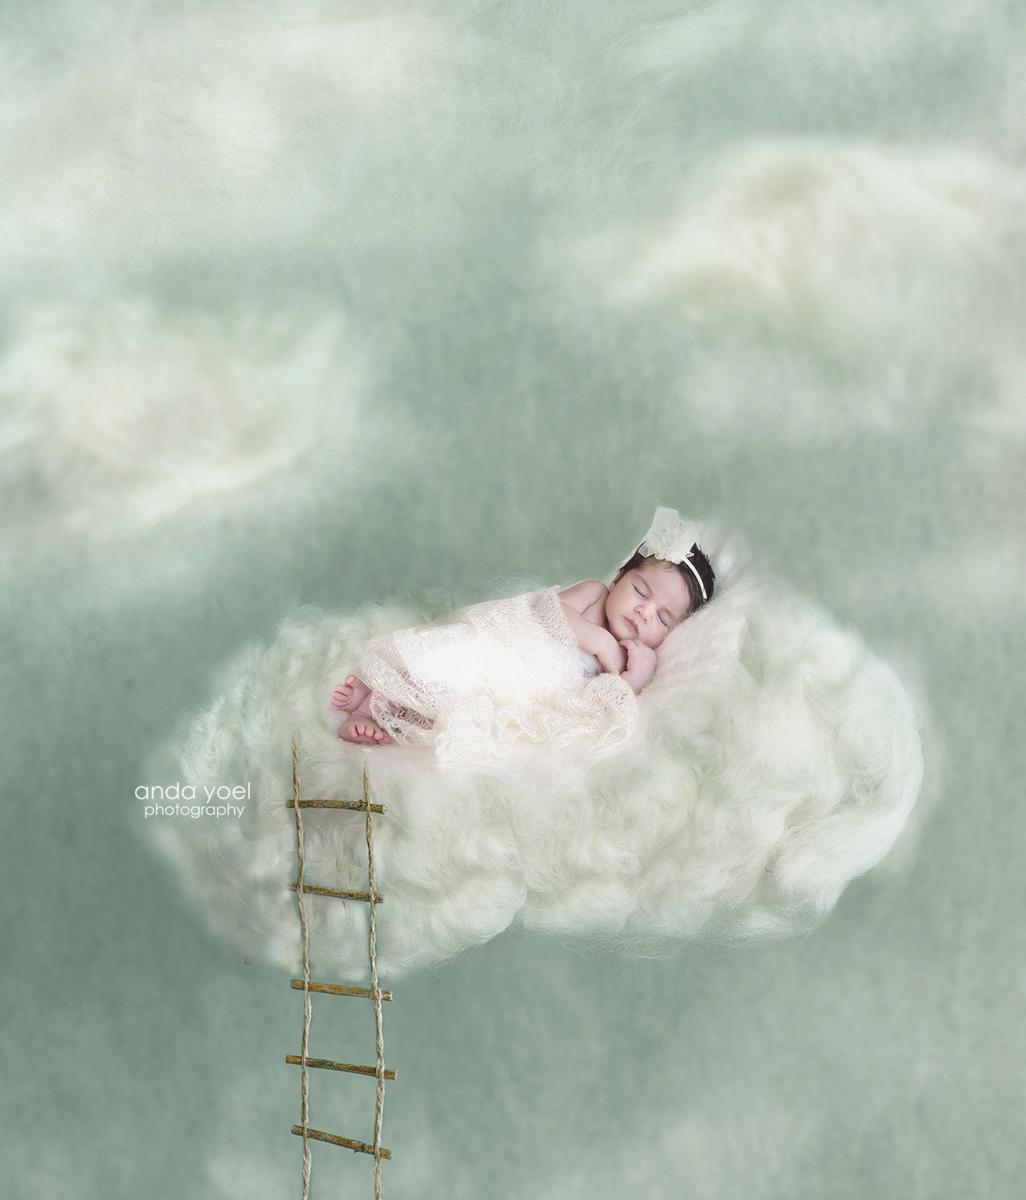 צילום ניו בורן על רקע דיגיטלי ענן על רקע תכלת- אנדה יואל